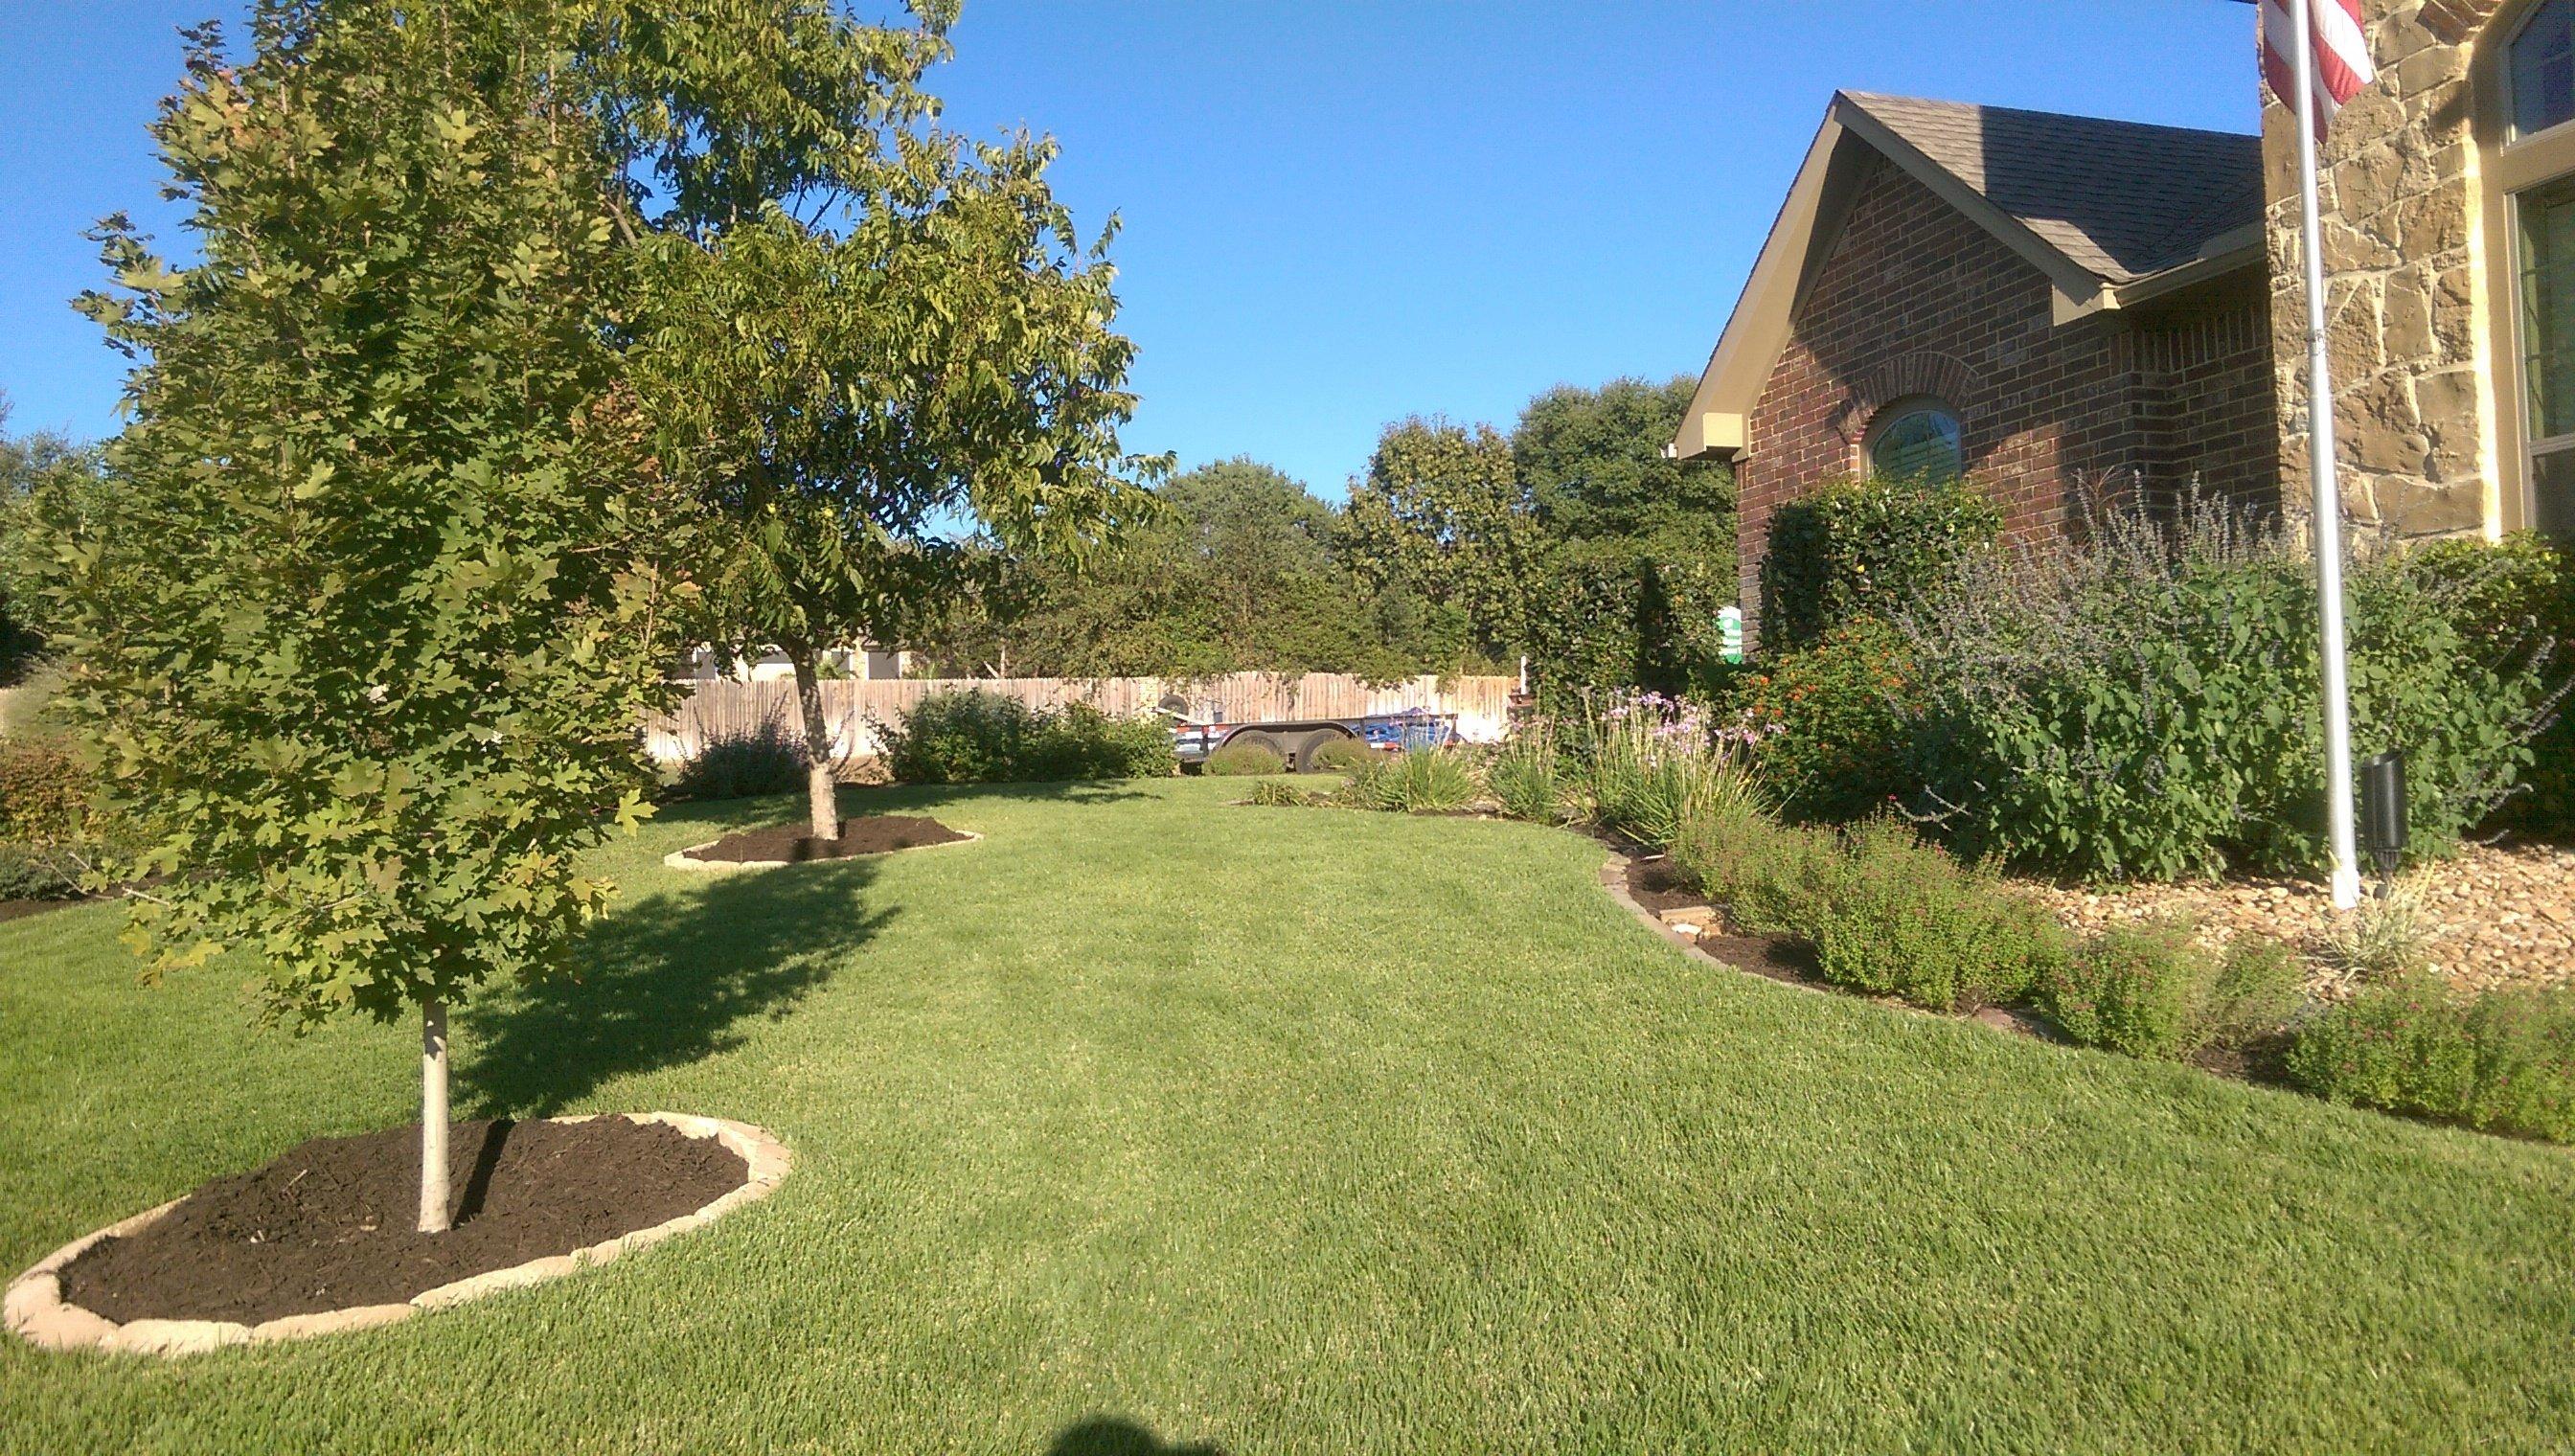 Lawn Care & Pet Friendly Lawn Fertilizer San Antonio, TX